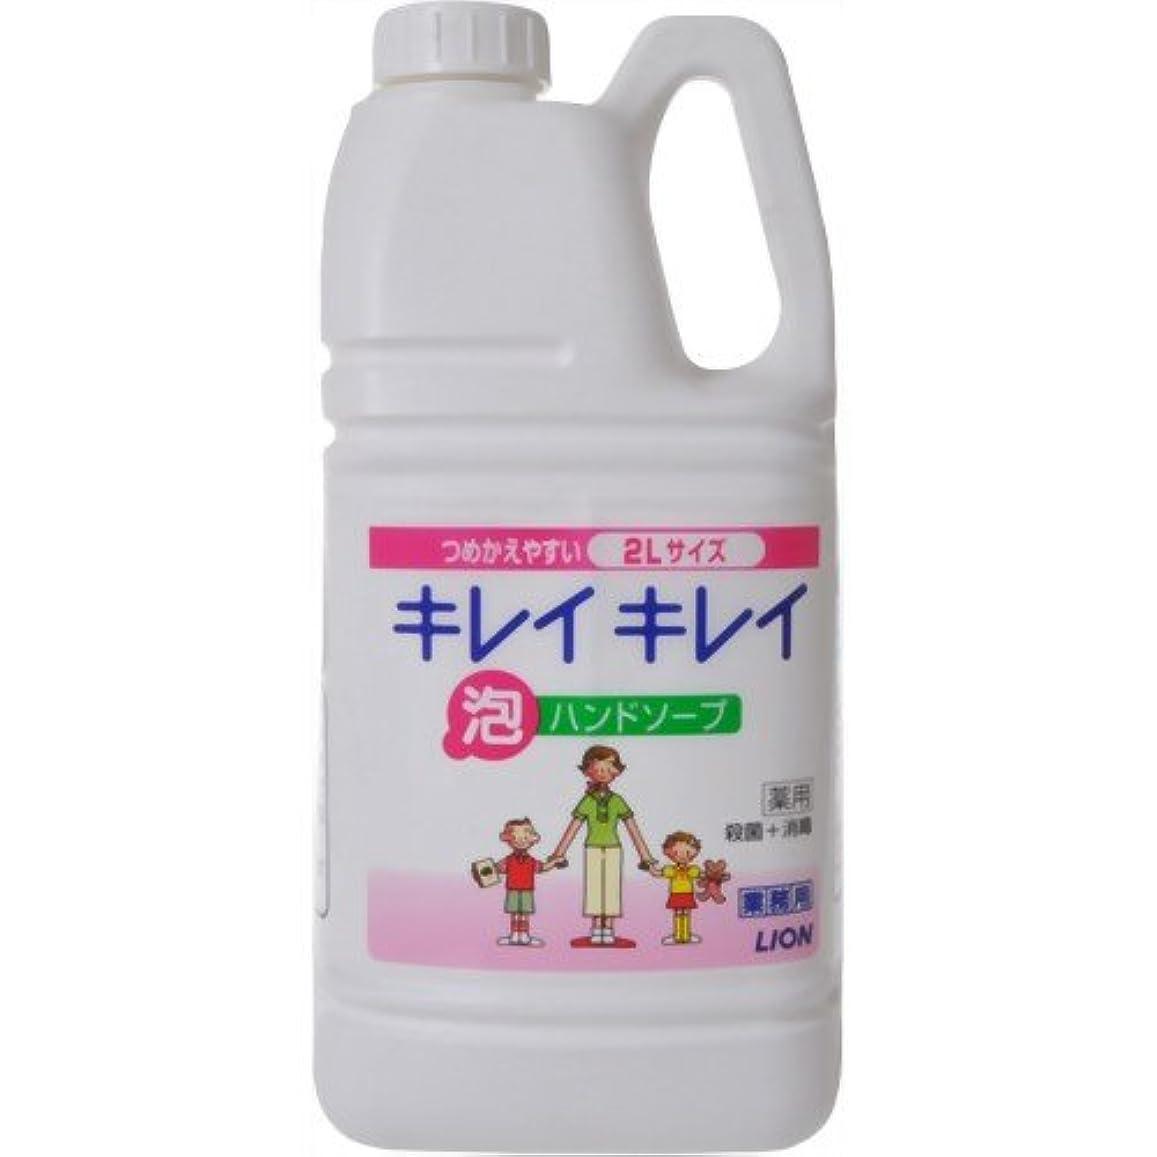 バイオリニスト謎真剣にキレイキレイ薬用泡ハンドソープ2L(業務用)